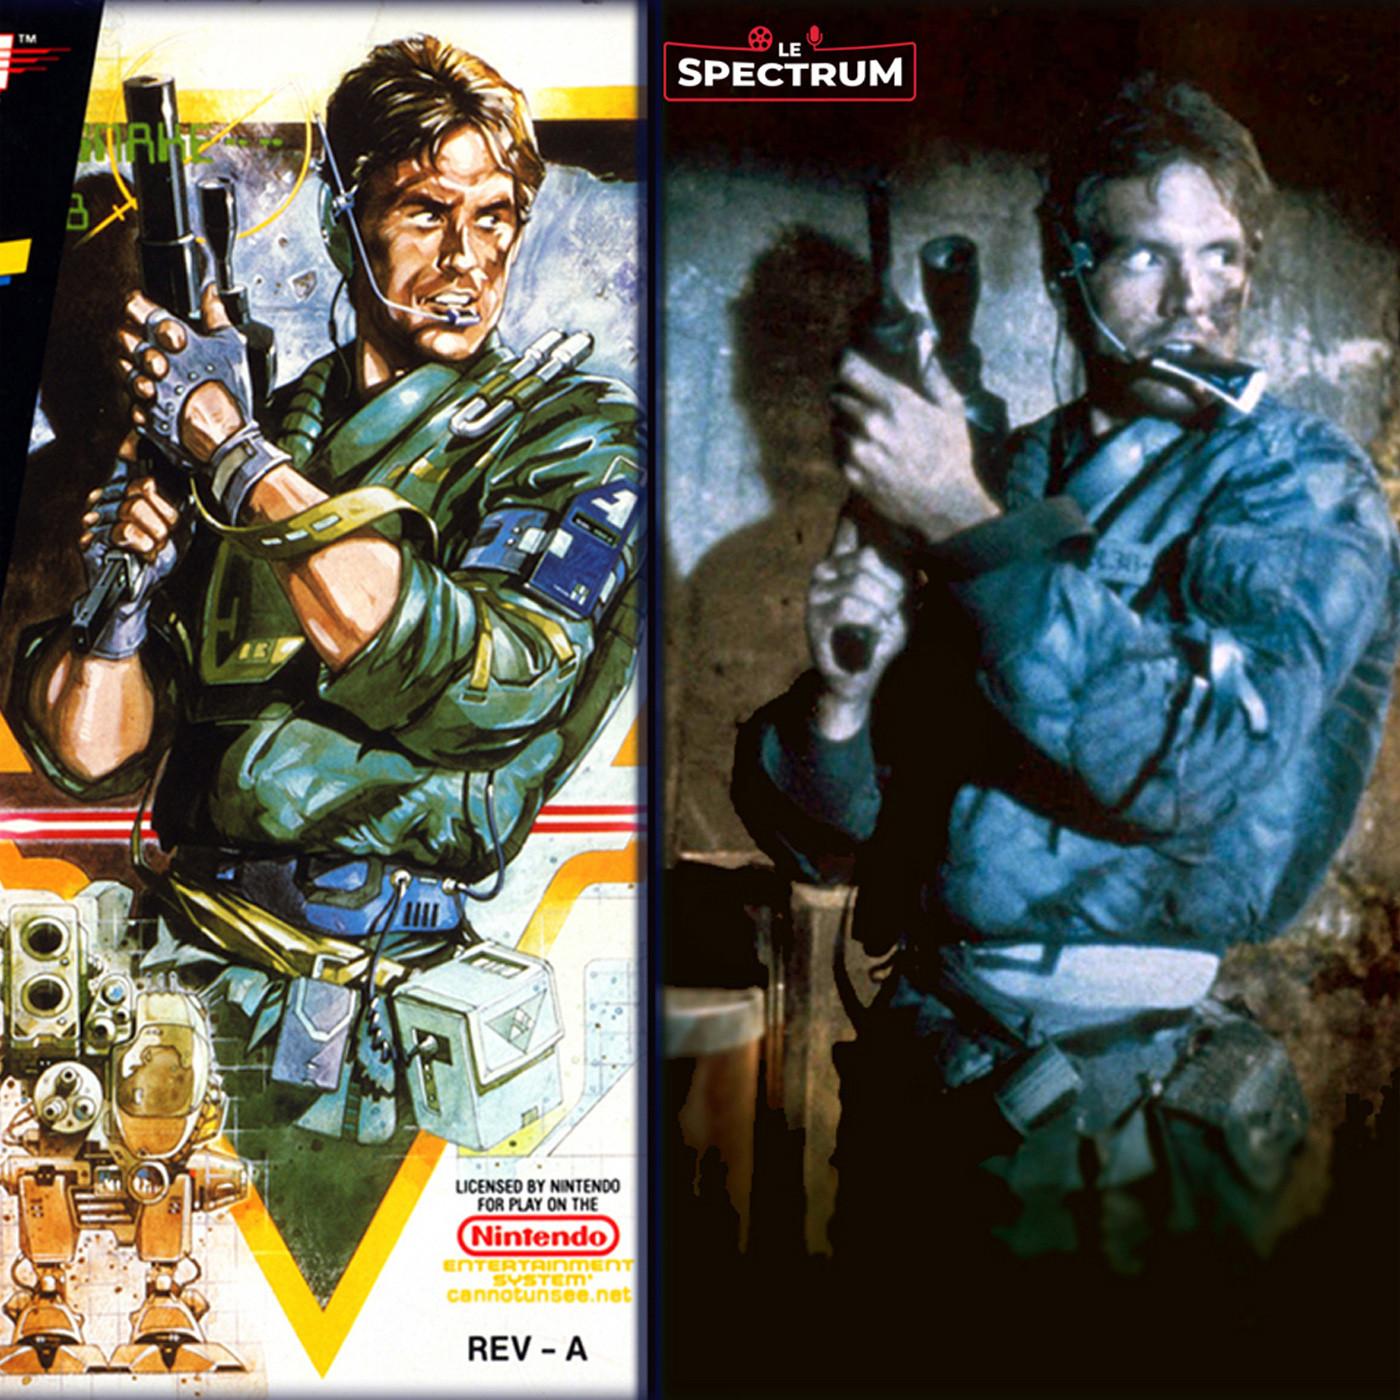 #Hors série : Les jeux vidéo inspirés du cinéma